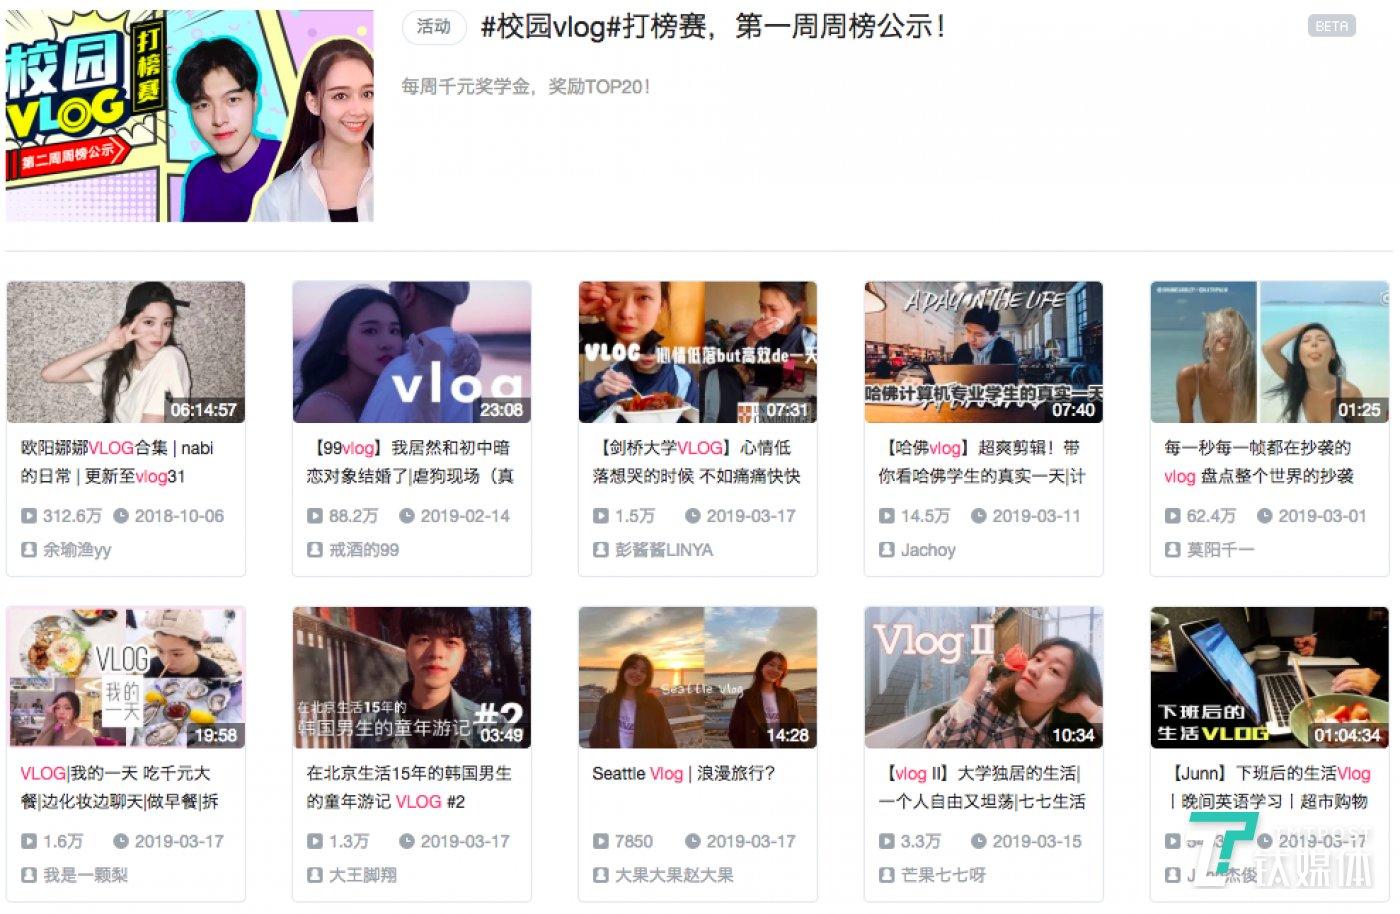 B站对Vlogger进行扶持(来源B站截图)